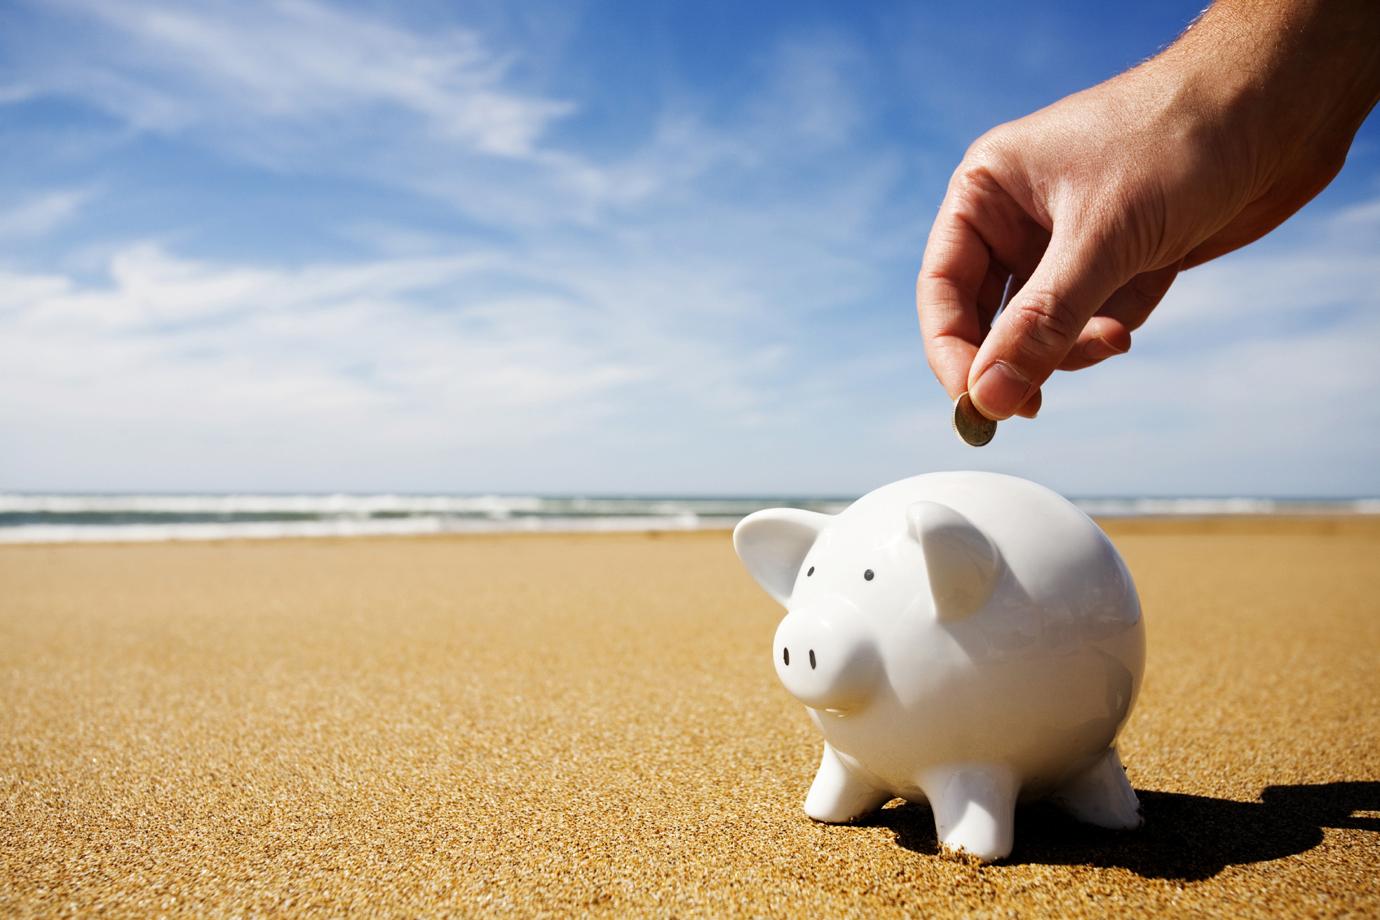 Кабинет Министров разрабатывает бюджет-2016, а НБУ надеется на снижение инфляции вдвое